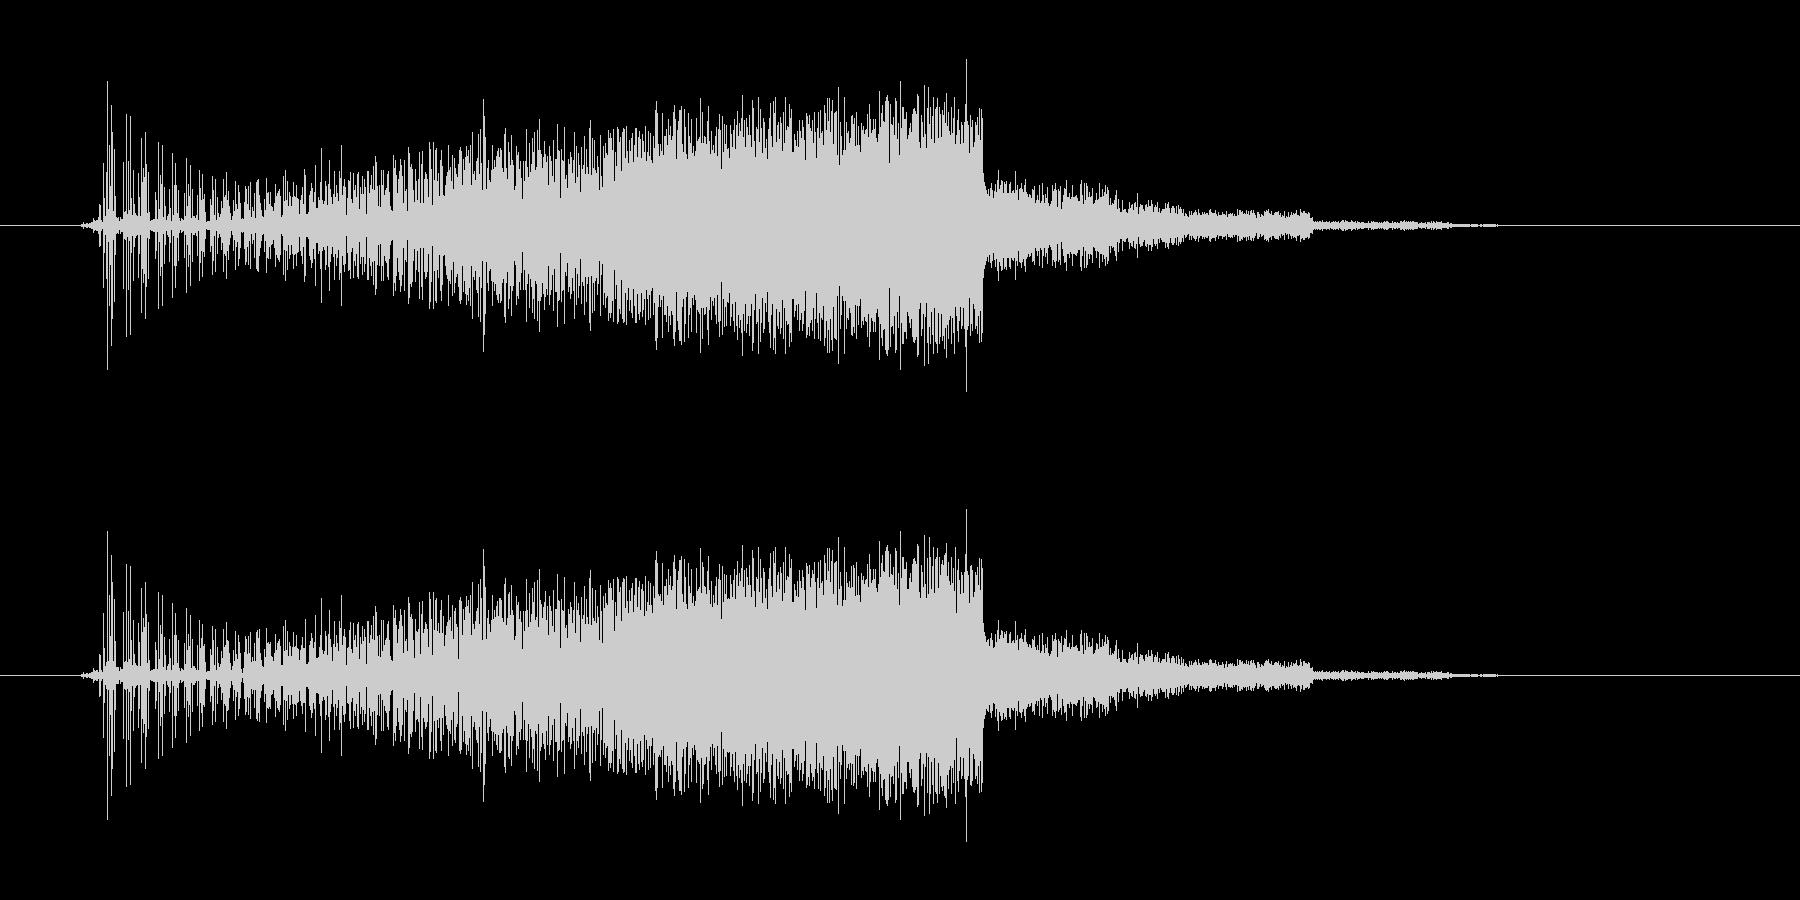 セレクト音(ギュイーン)の未再生の波形